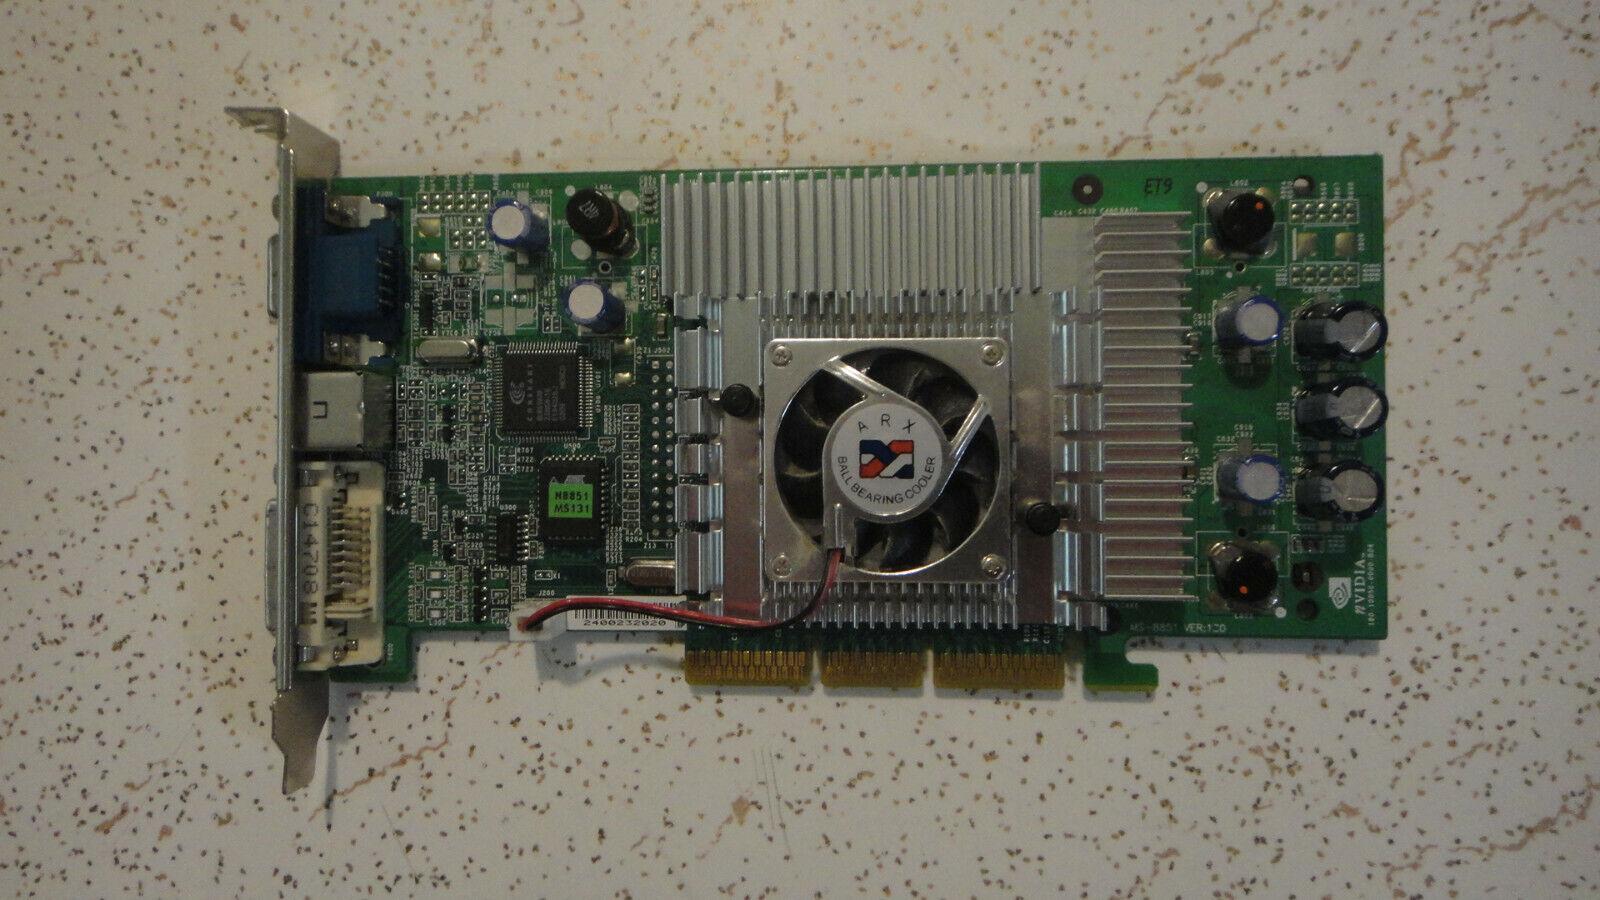 AGP card ARX 128M G3Ti200 Pro TD128 Nvidia, Needs fixing. LooK!